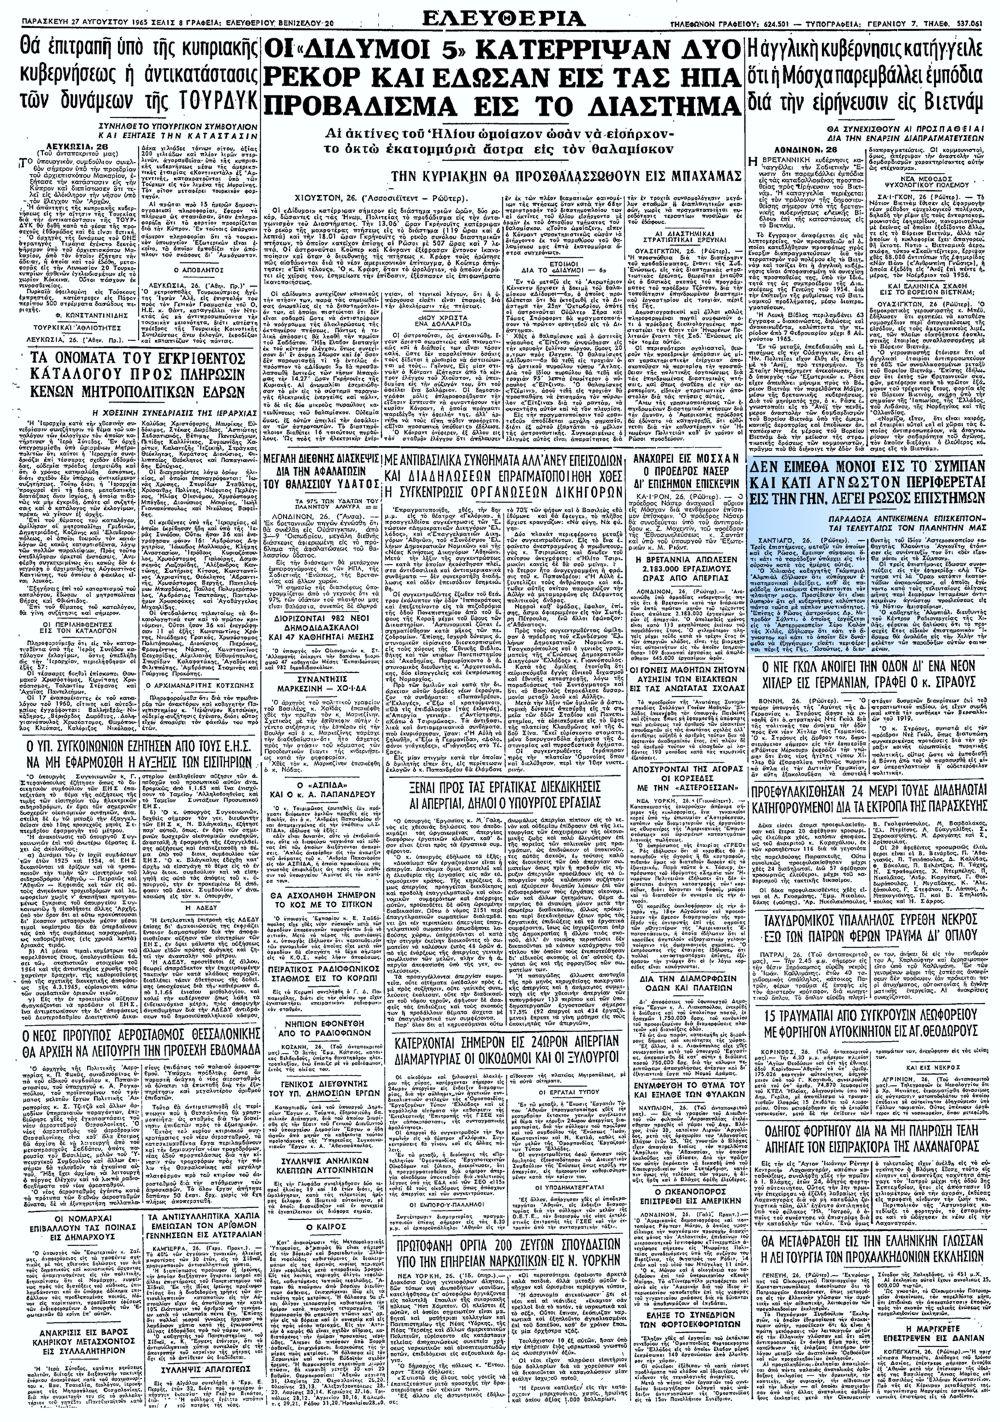 """Το άρθρο, όπως δημοσιεύθηκε στην εφημερίδα """"ΕΛΕΥΘΕΡΙΑ"""", στις 27/08/1965"""